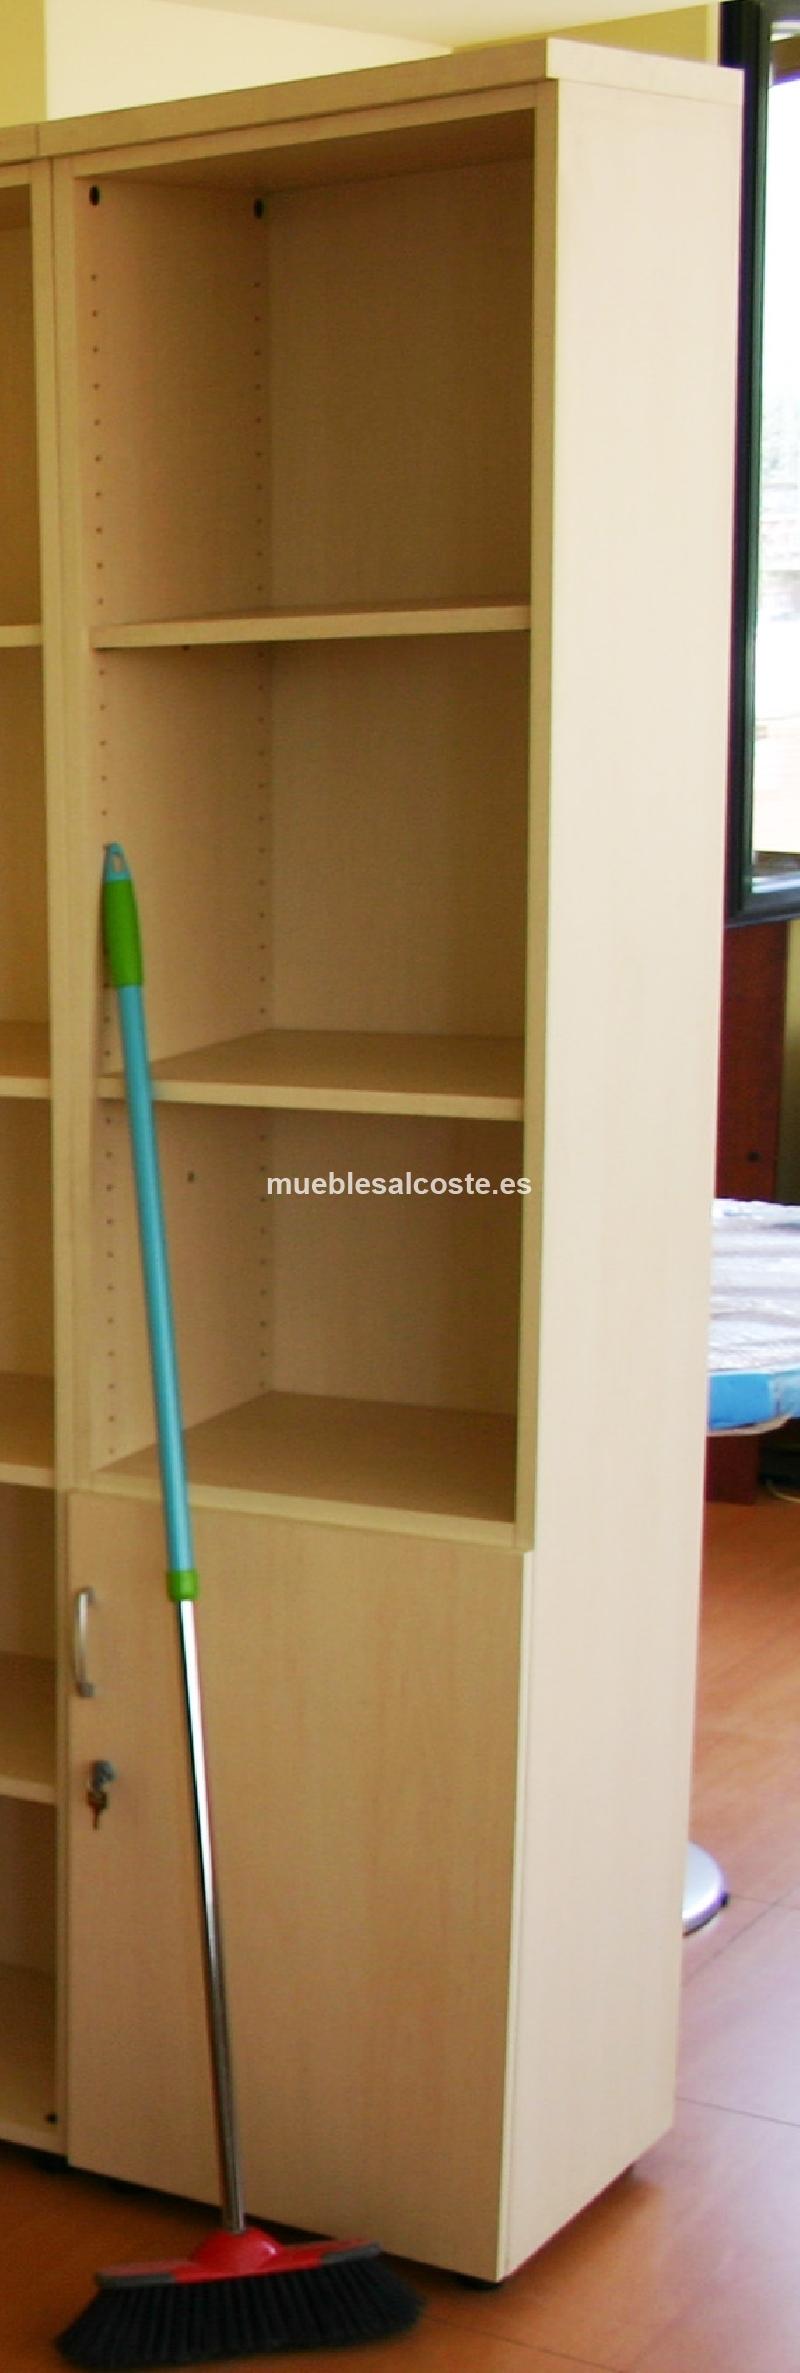 Armario estanteria oficina con puerta inferior 45x45cm cod 19762 segunda mano - Armario estanteria ...